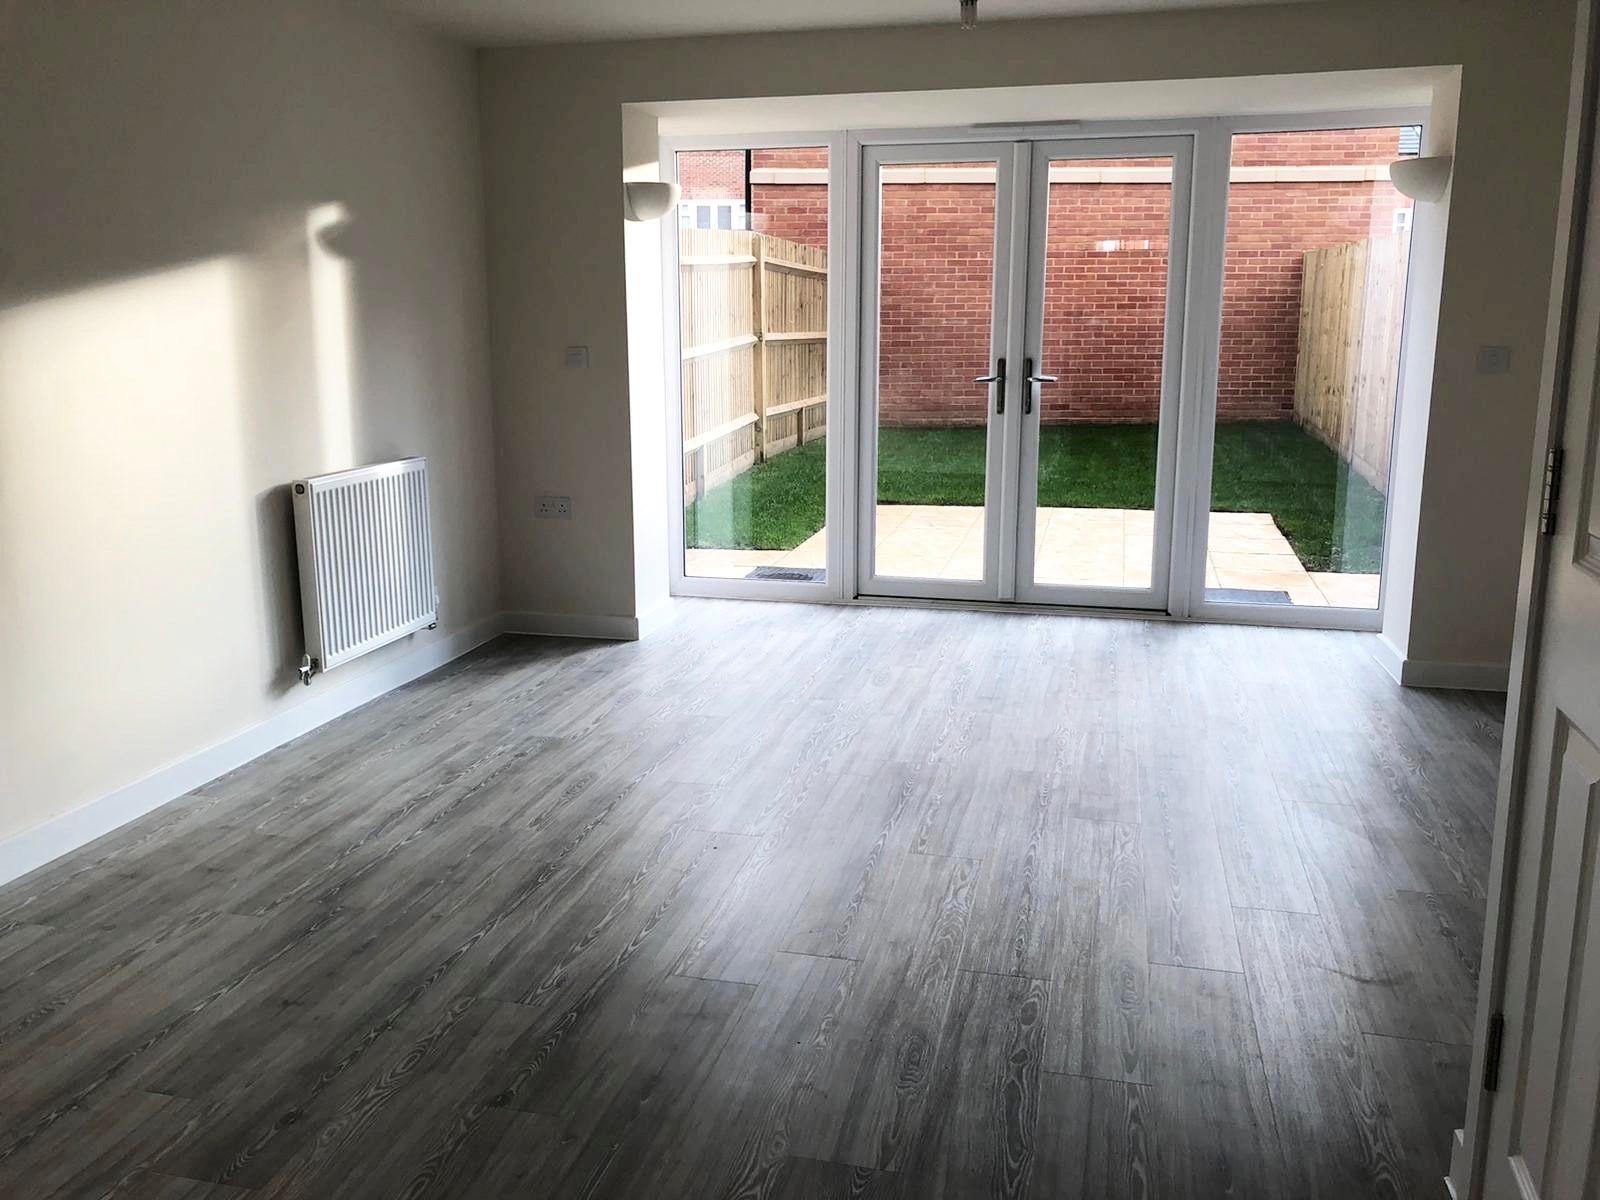 Lounge - Laminate flooring